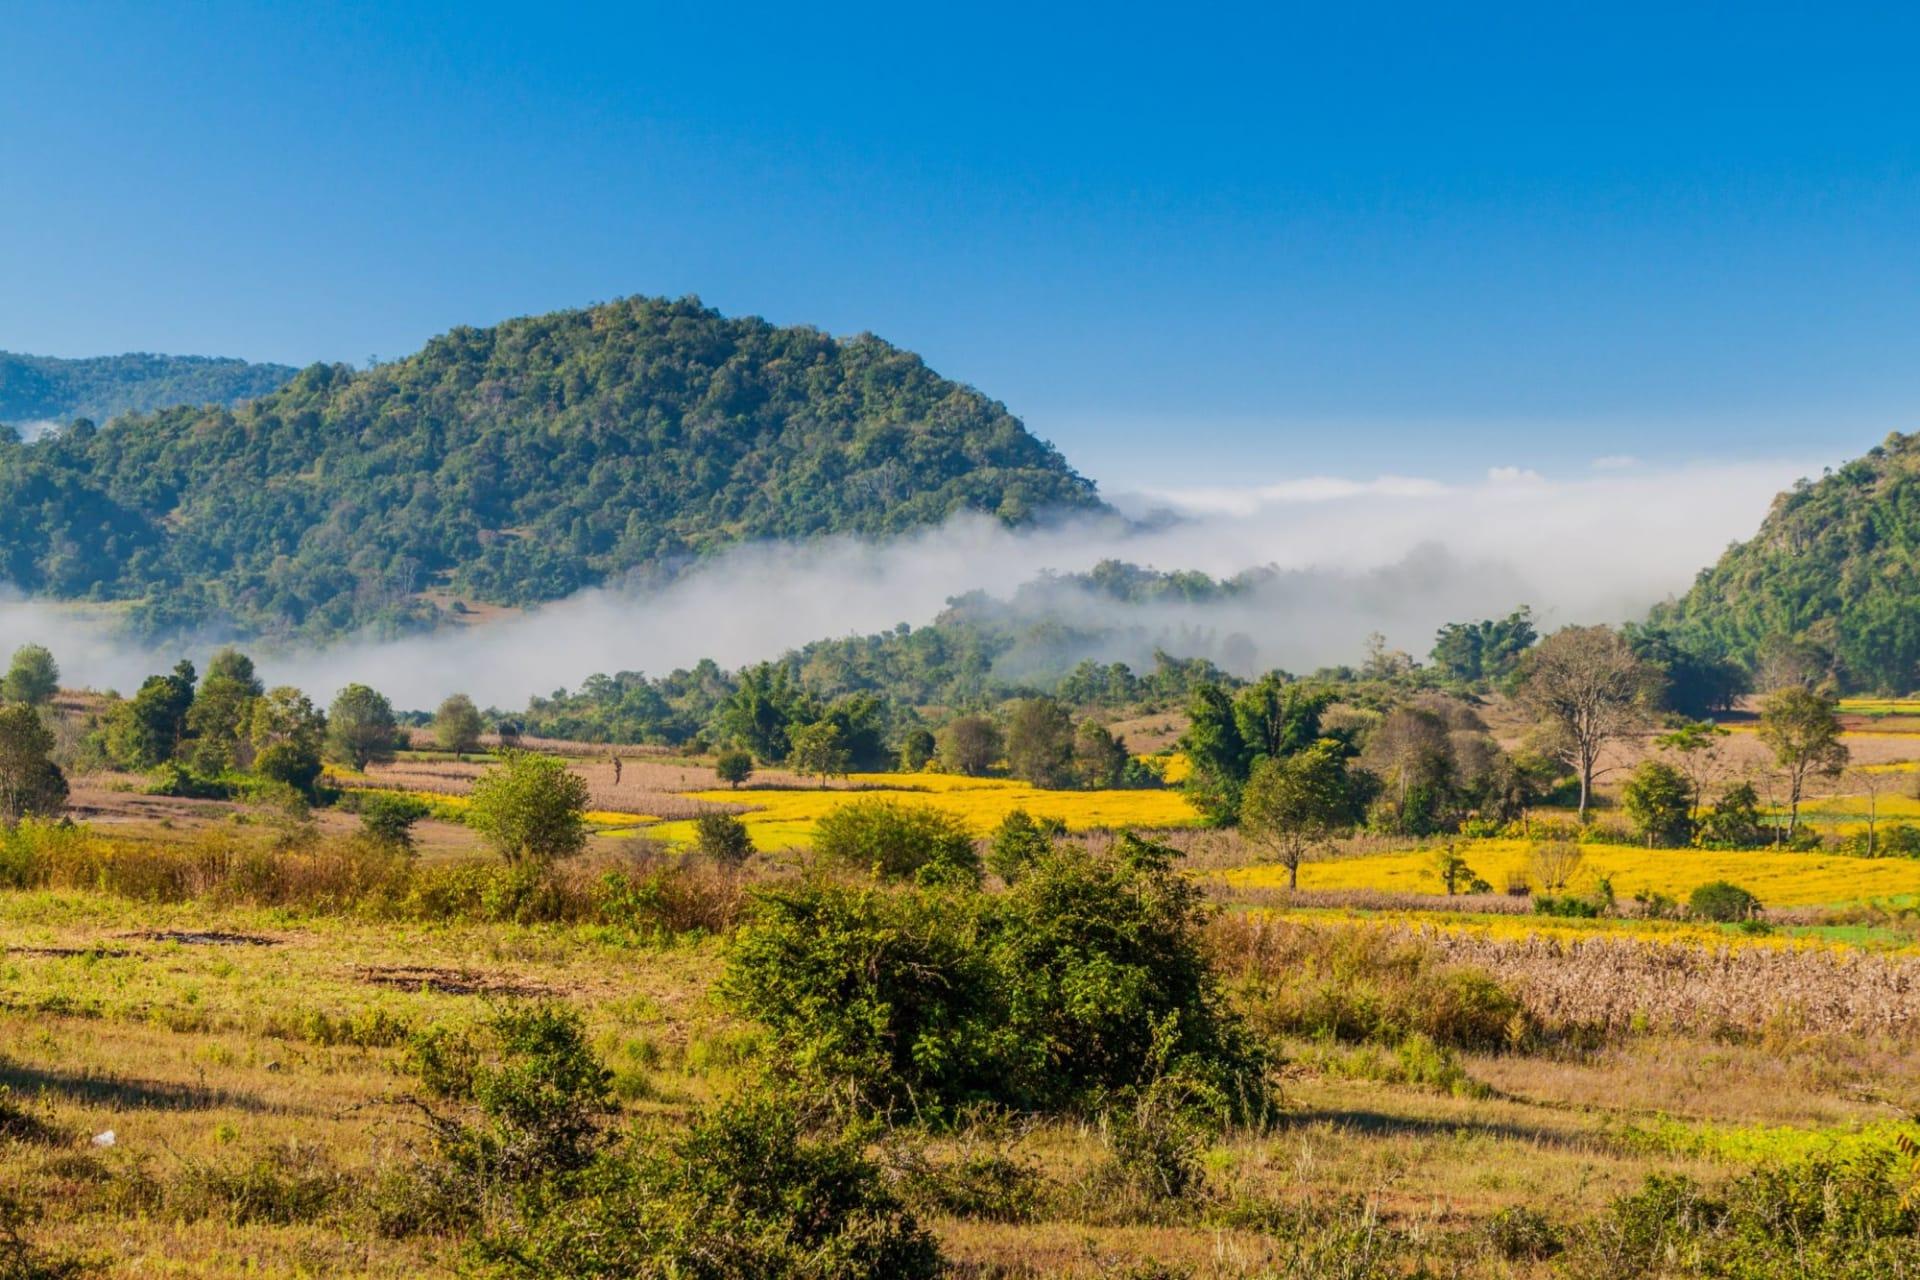 Kalaw Rural landscape